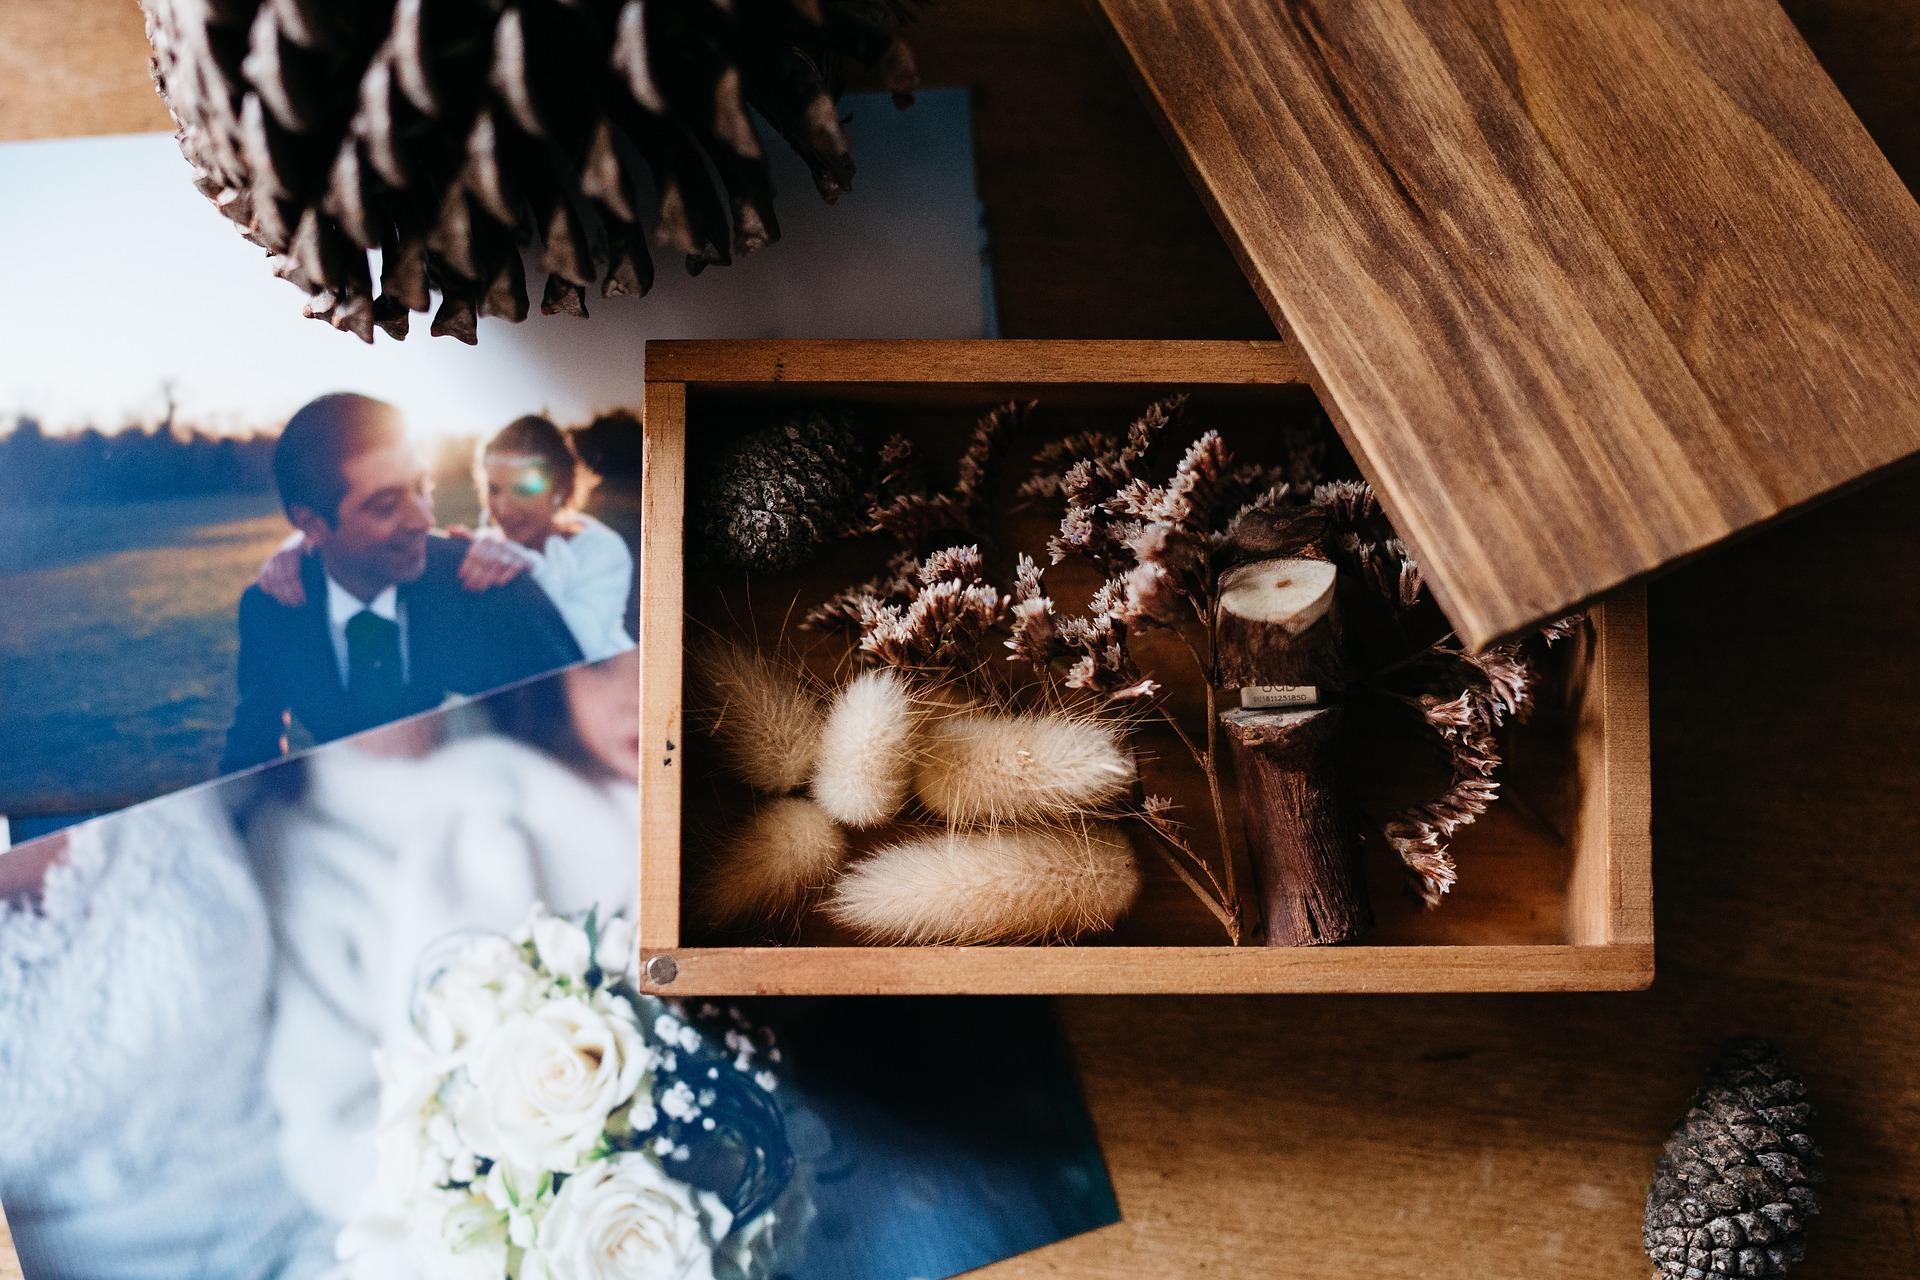 házassági szakemberek mi a törvényes korhatár a koloradóban való randevúzáshoz?